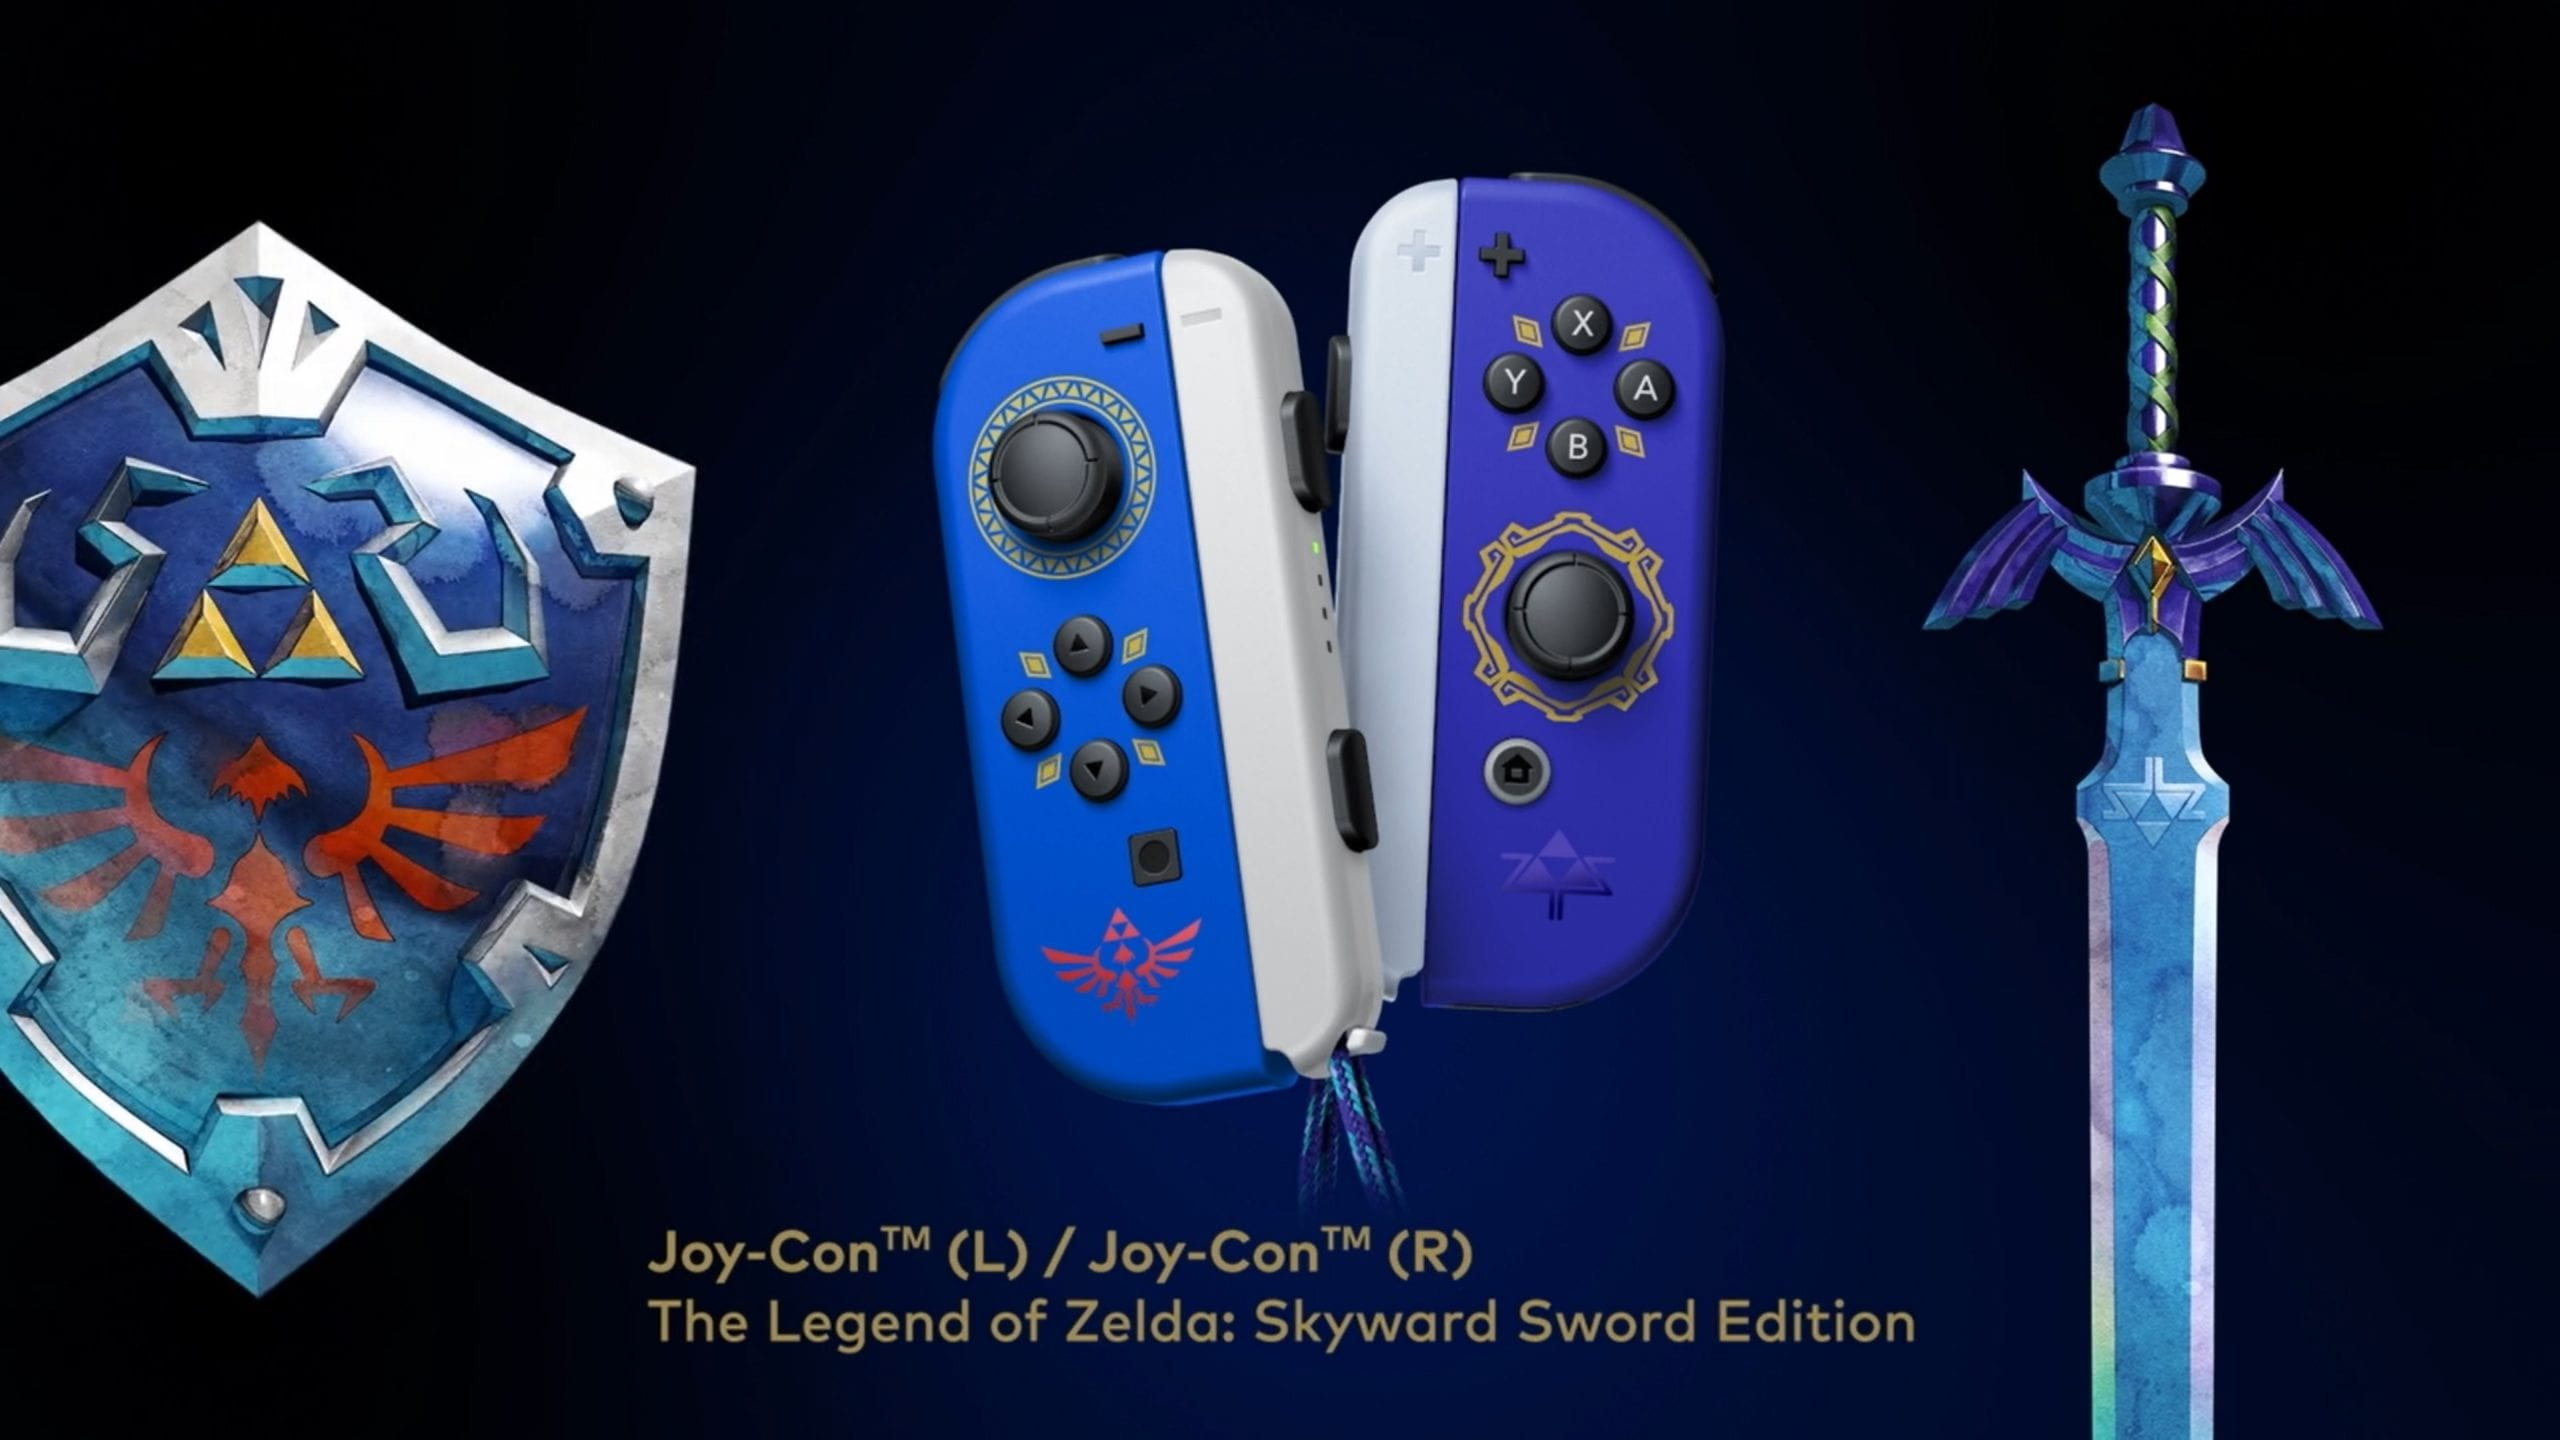 Zelda Skyward Sword HD Joy-Con